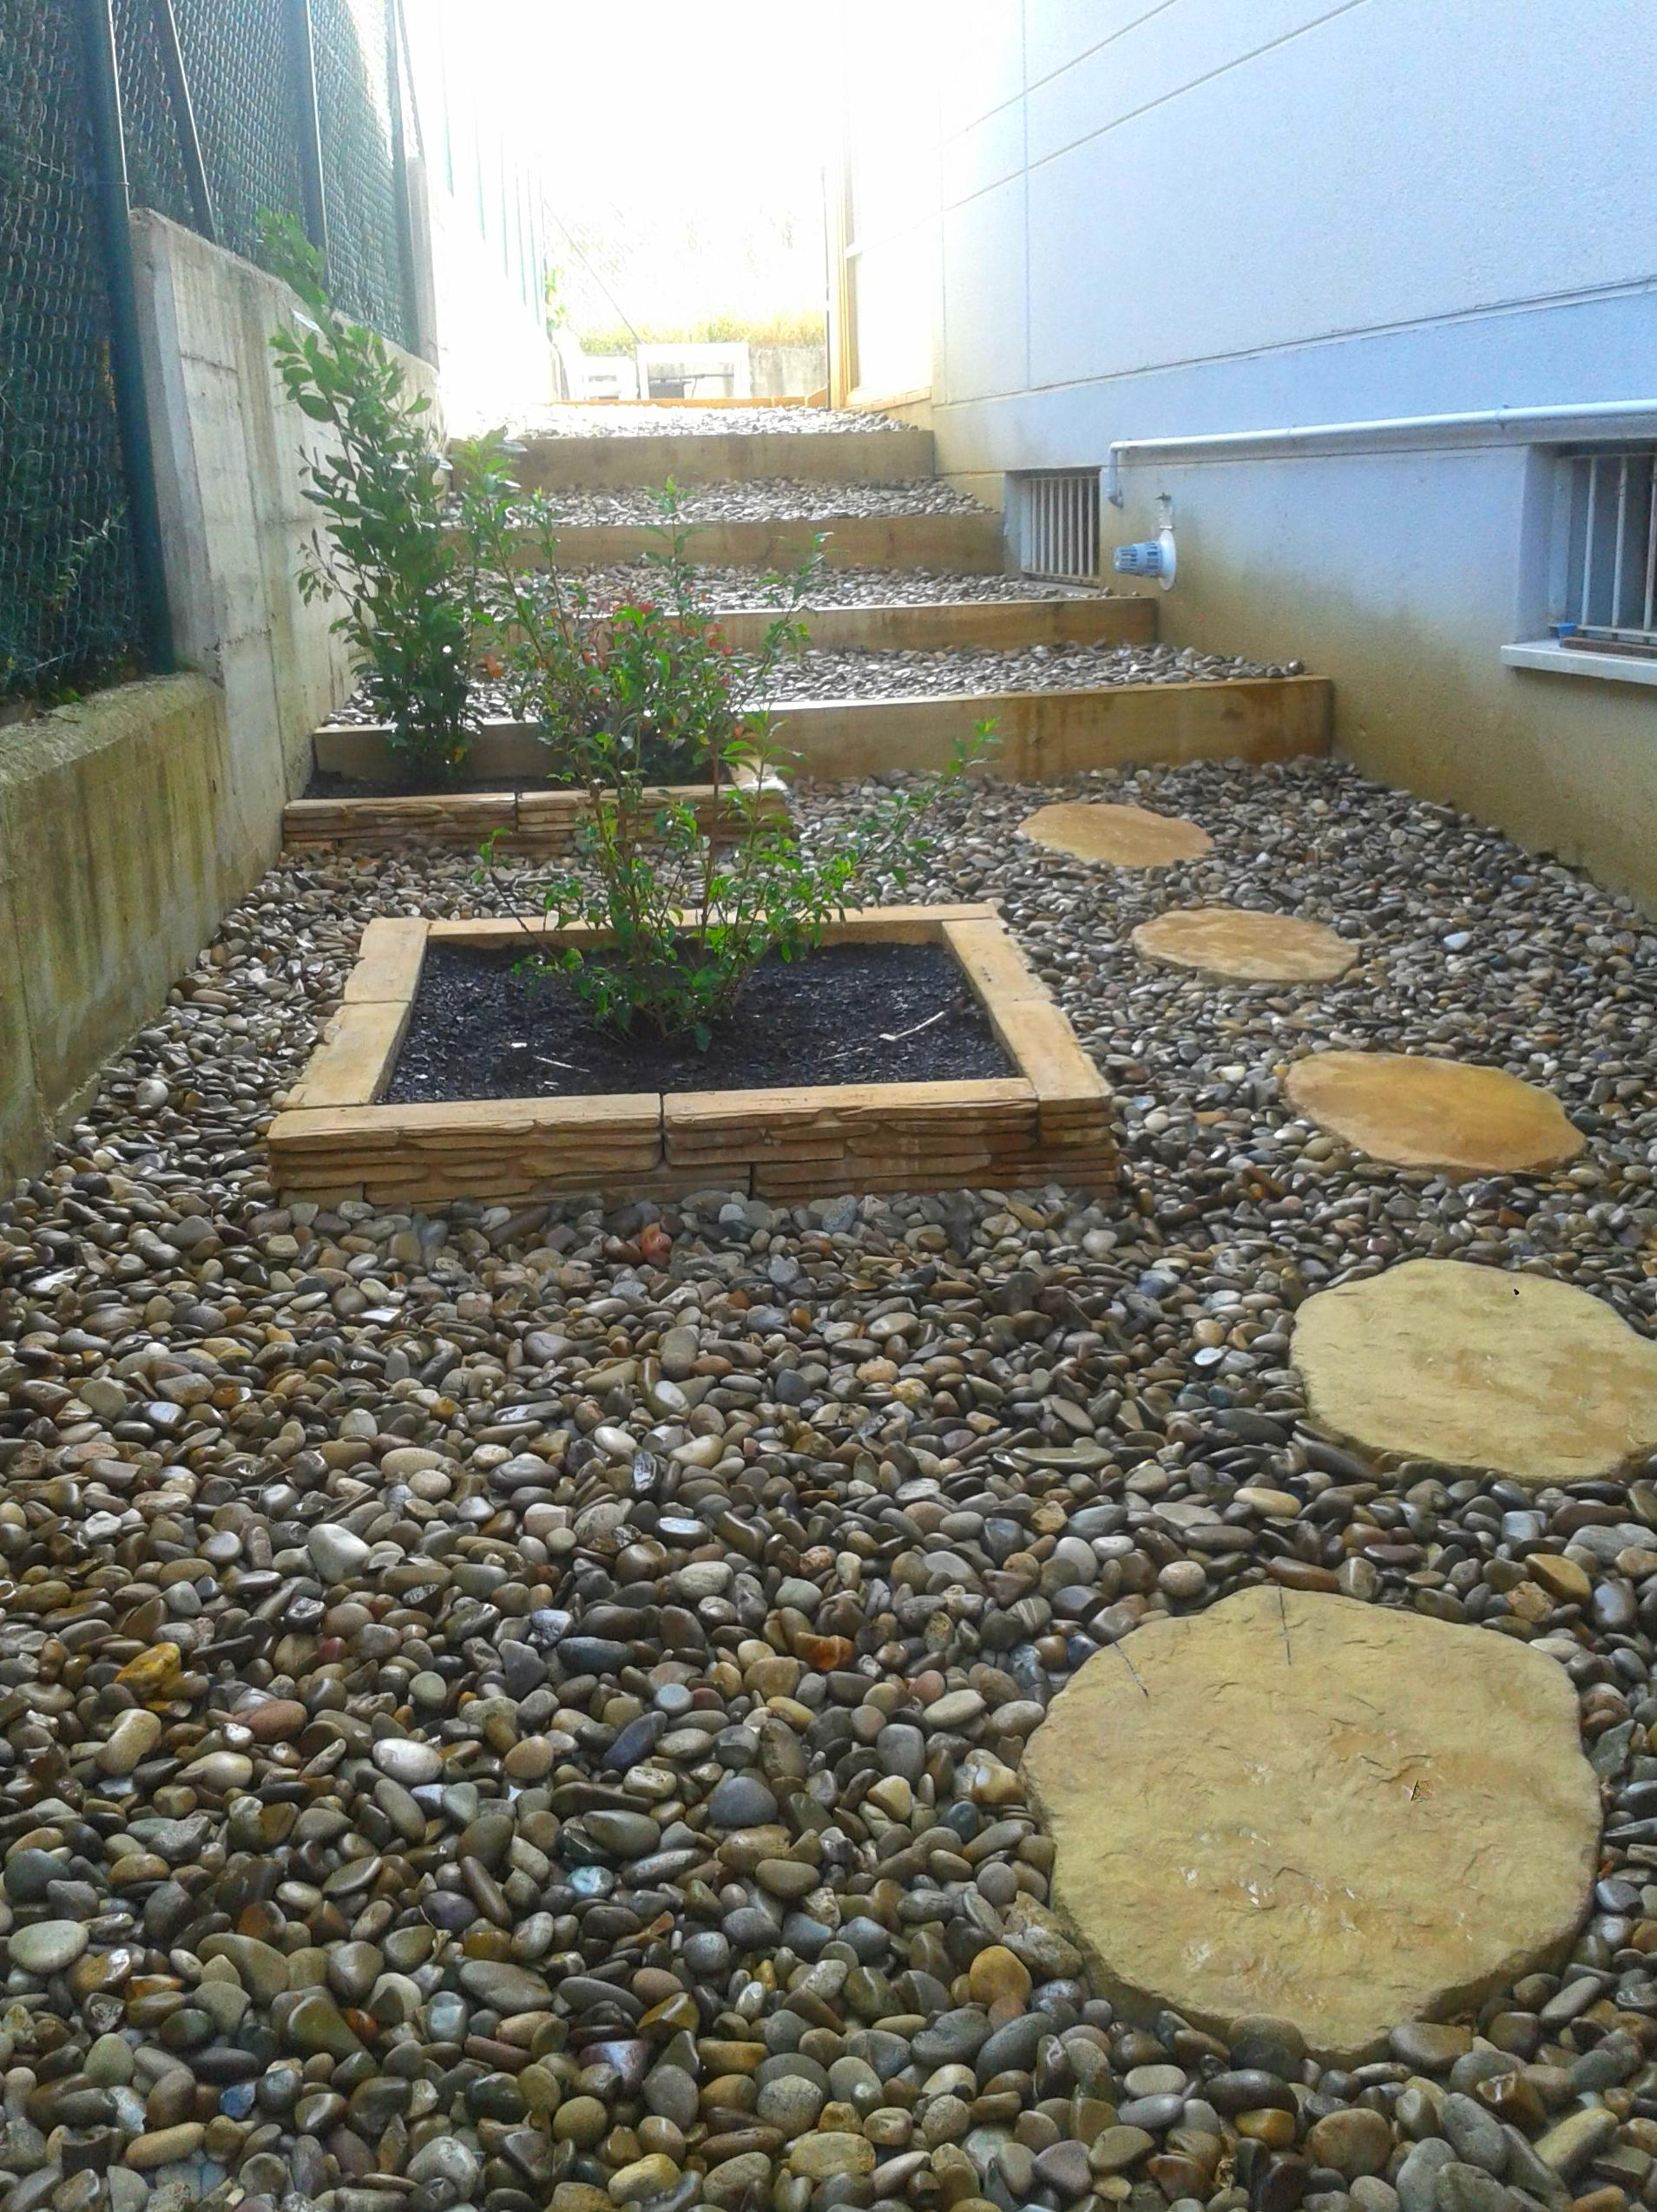 Paso lateral camino jardineras escaleras madera aridos canto rodado